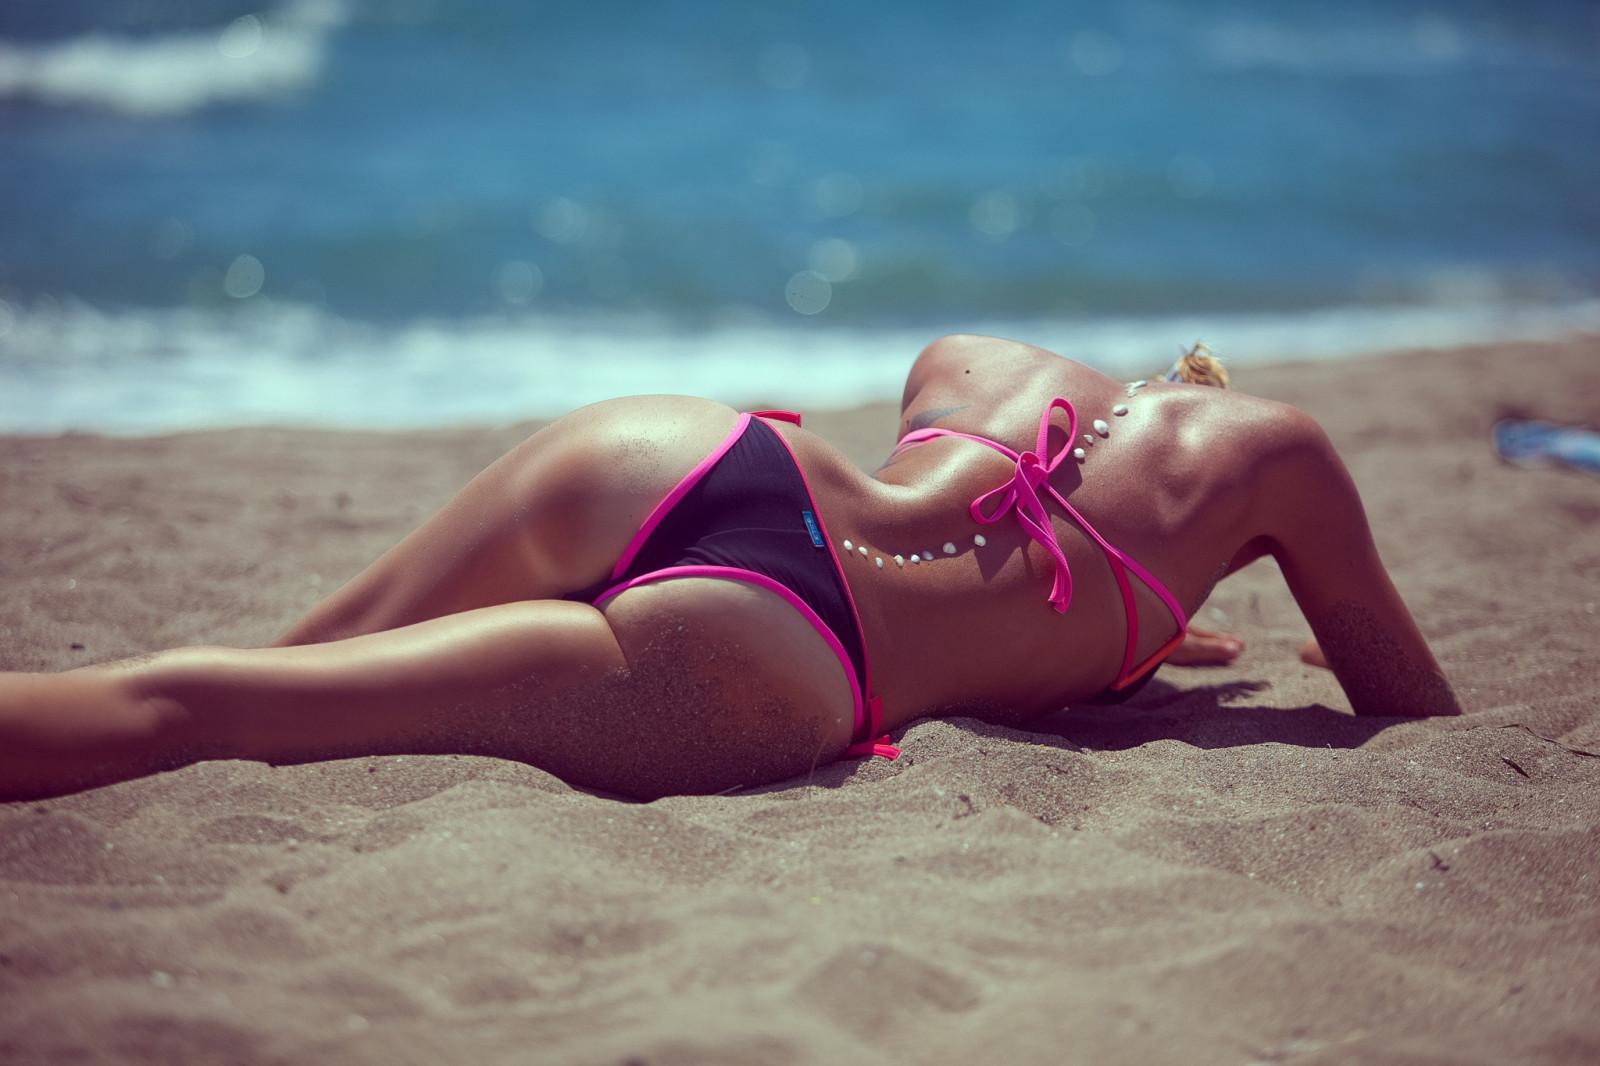 Горячие бикини на пляже порно ролики